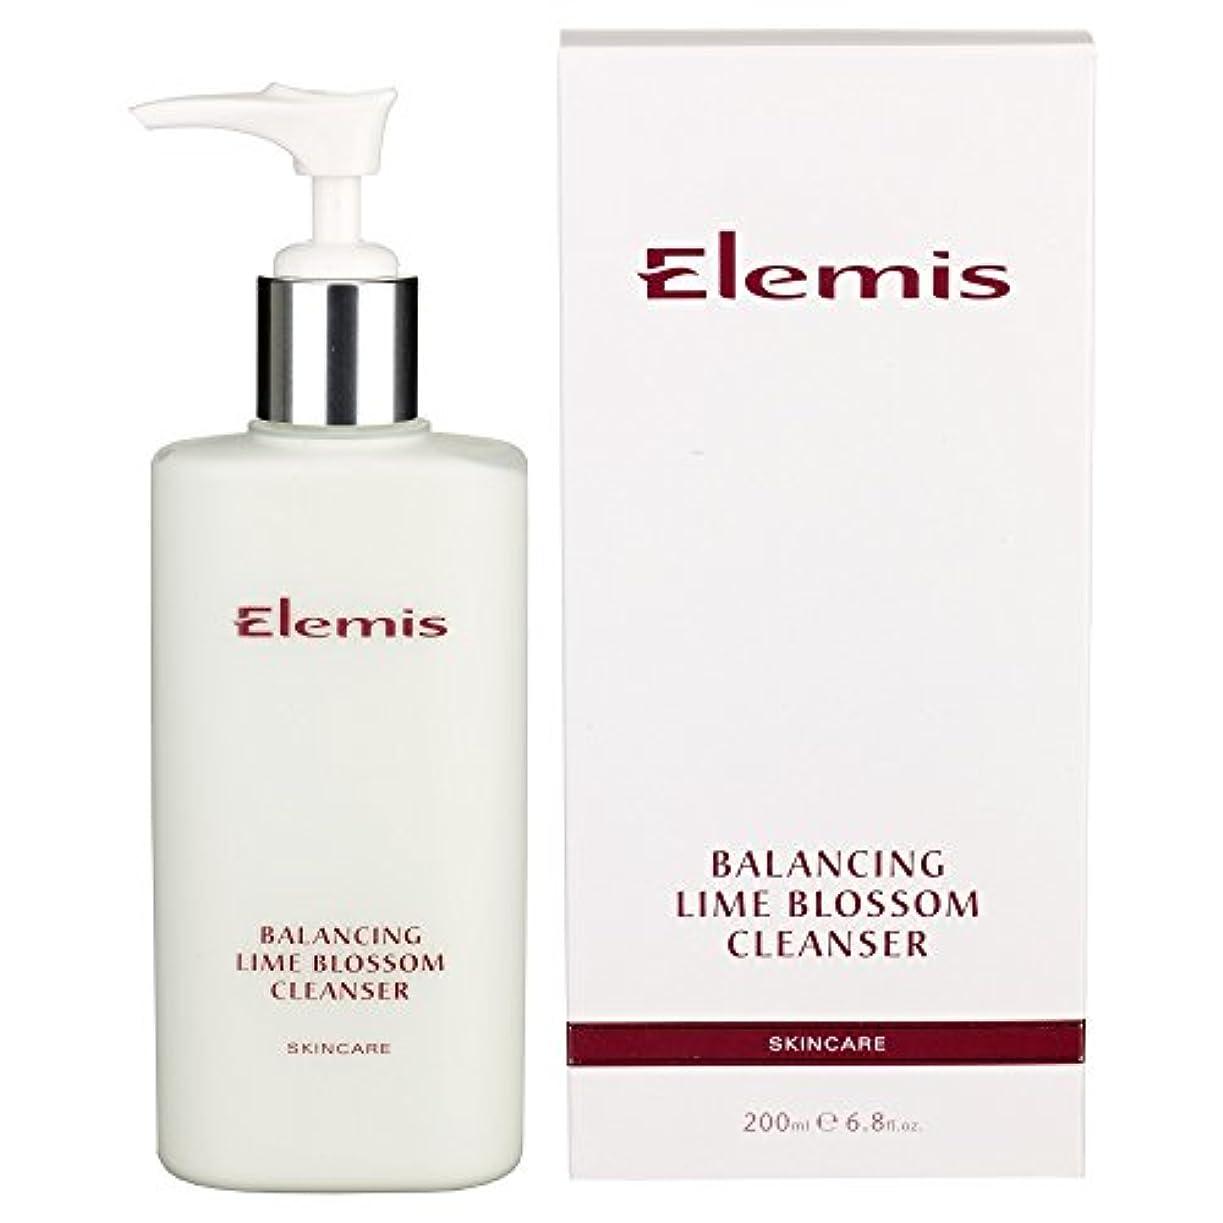 進化なくなる最初はライムブロッサムクレンザーのバランスをとります (Elemis) (x2) - Balancing Lime Blossom Cleanser (Pack of 2) [並行輸入品]